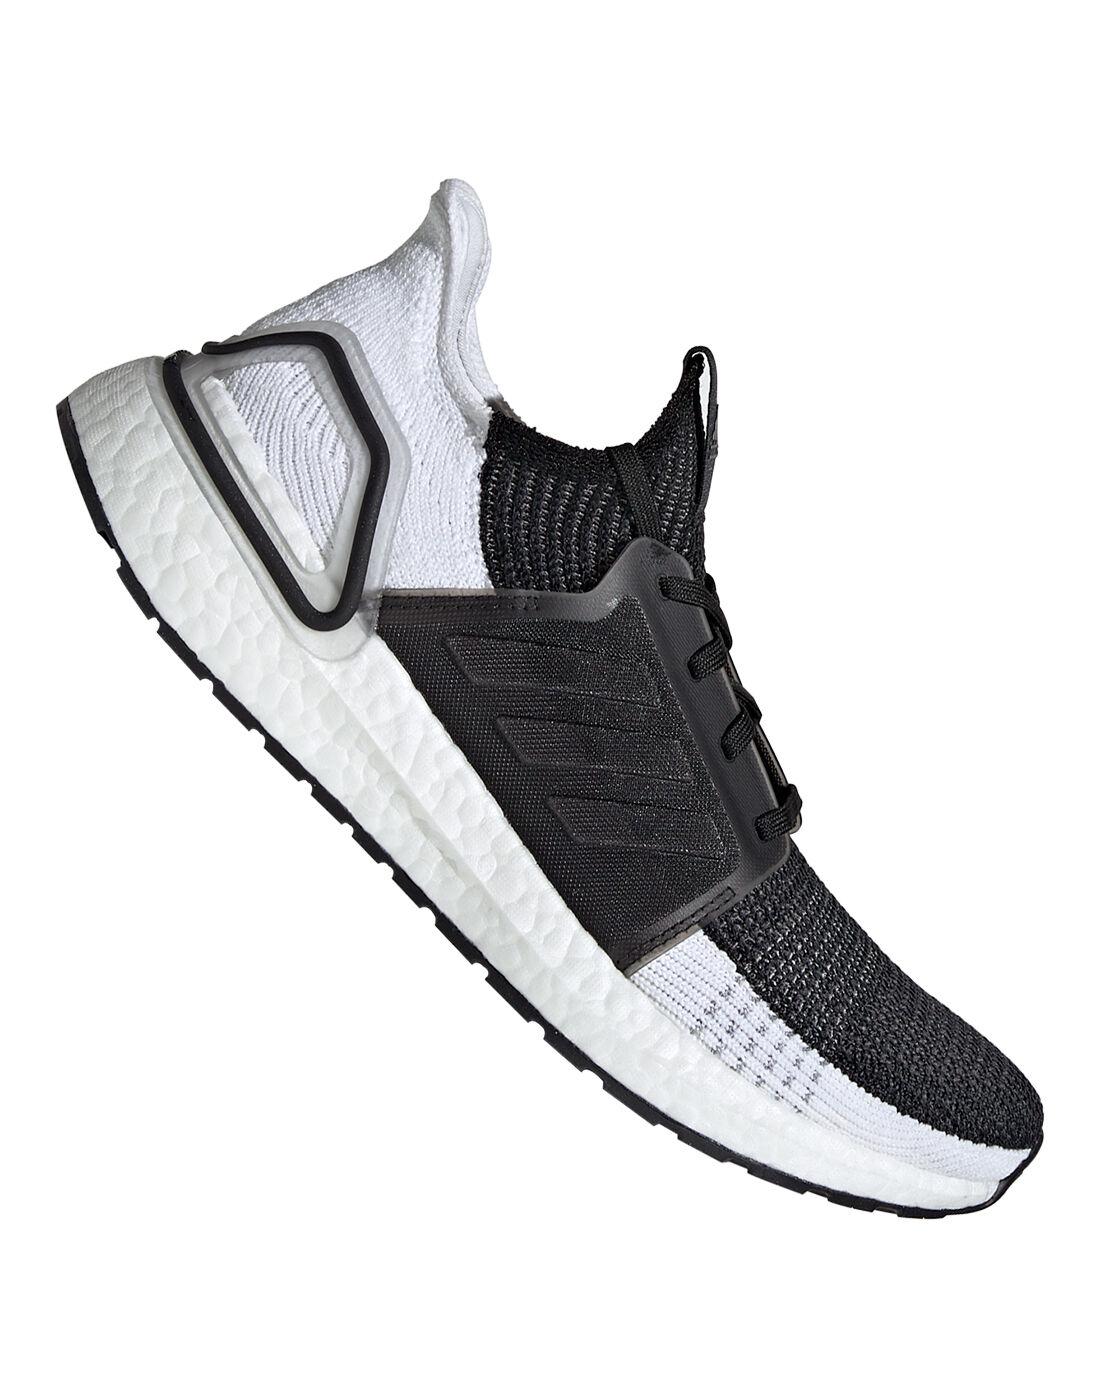 adidas Ultra Boost 19 | JD Sports